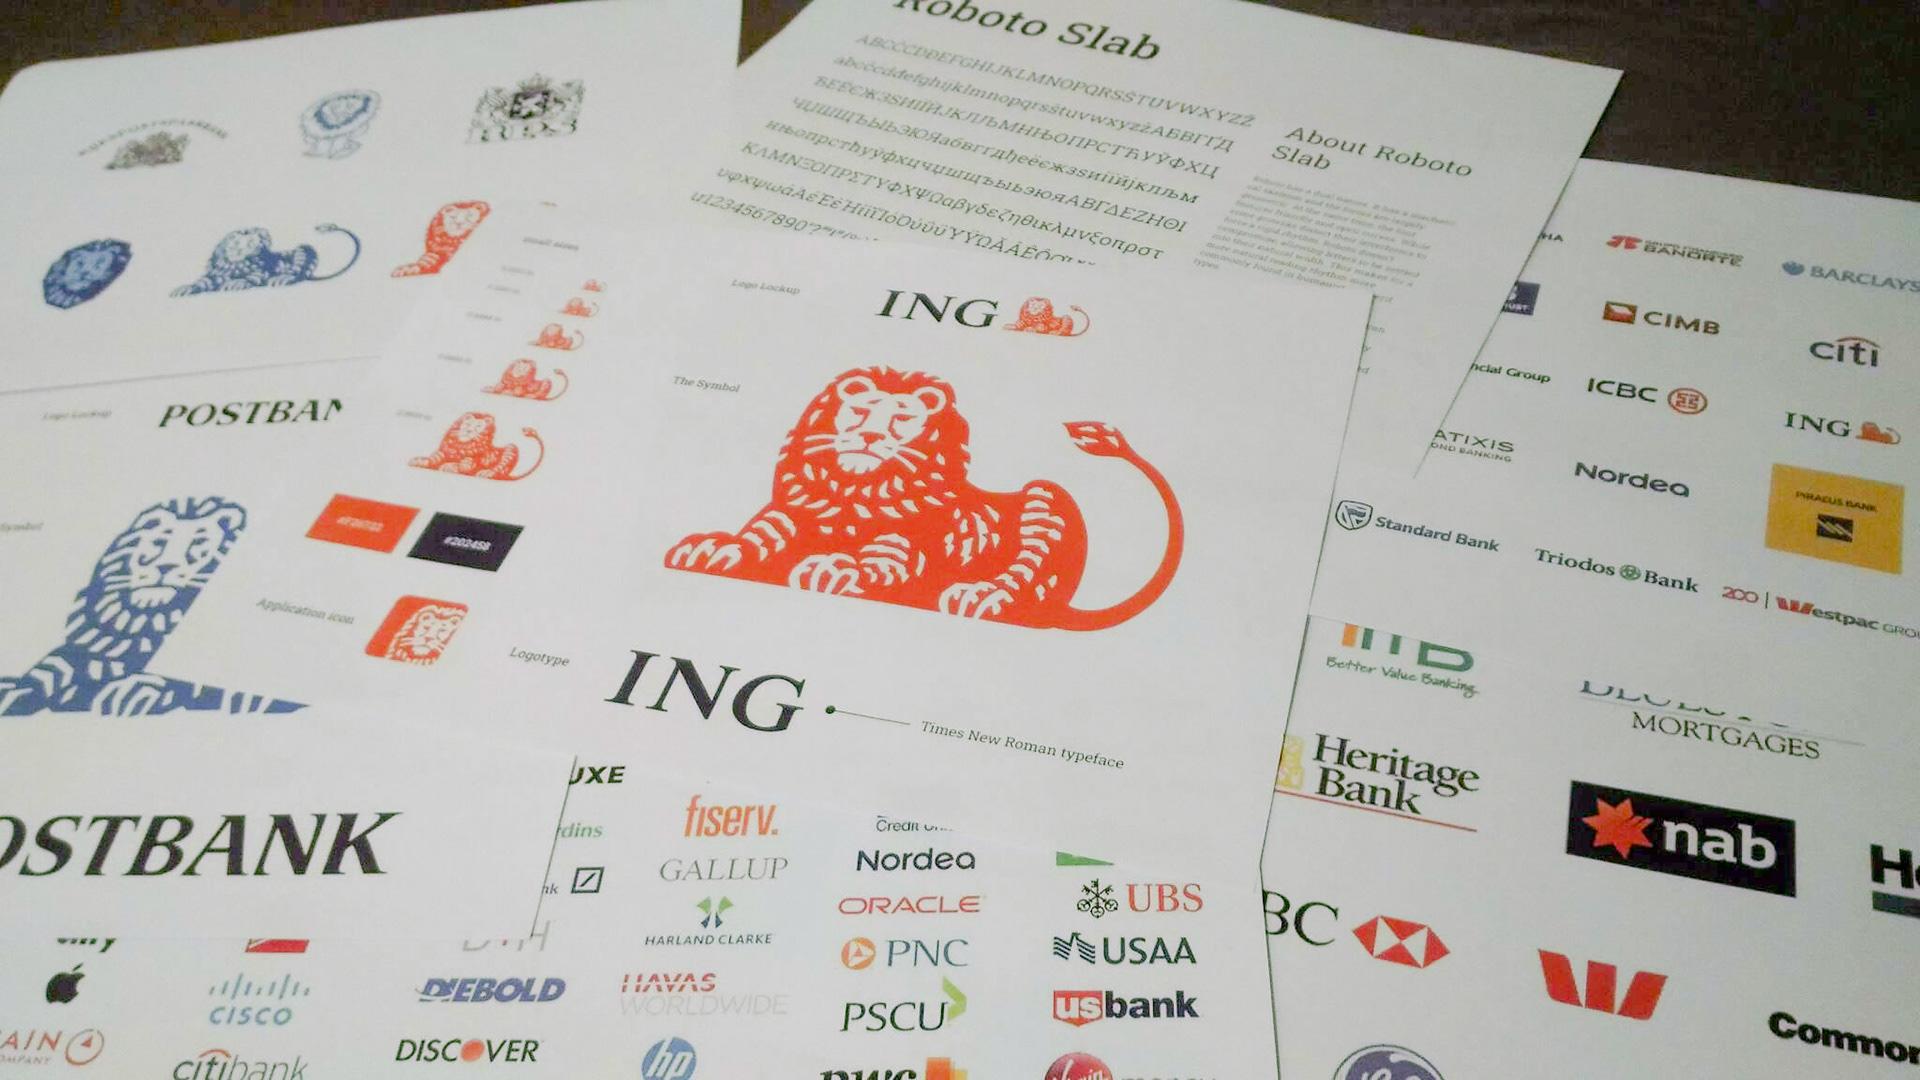 ING bank brand analysis